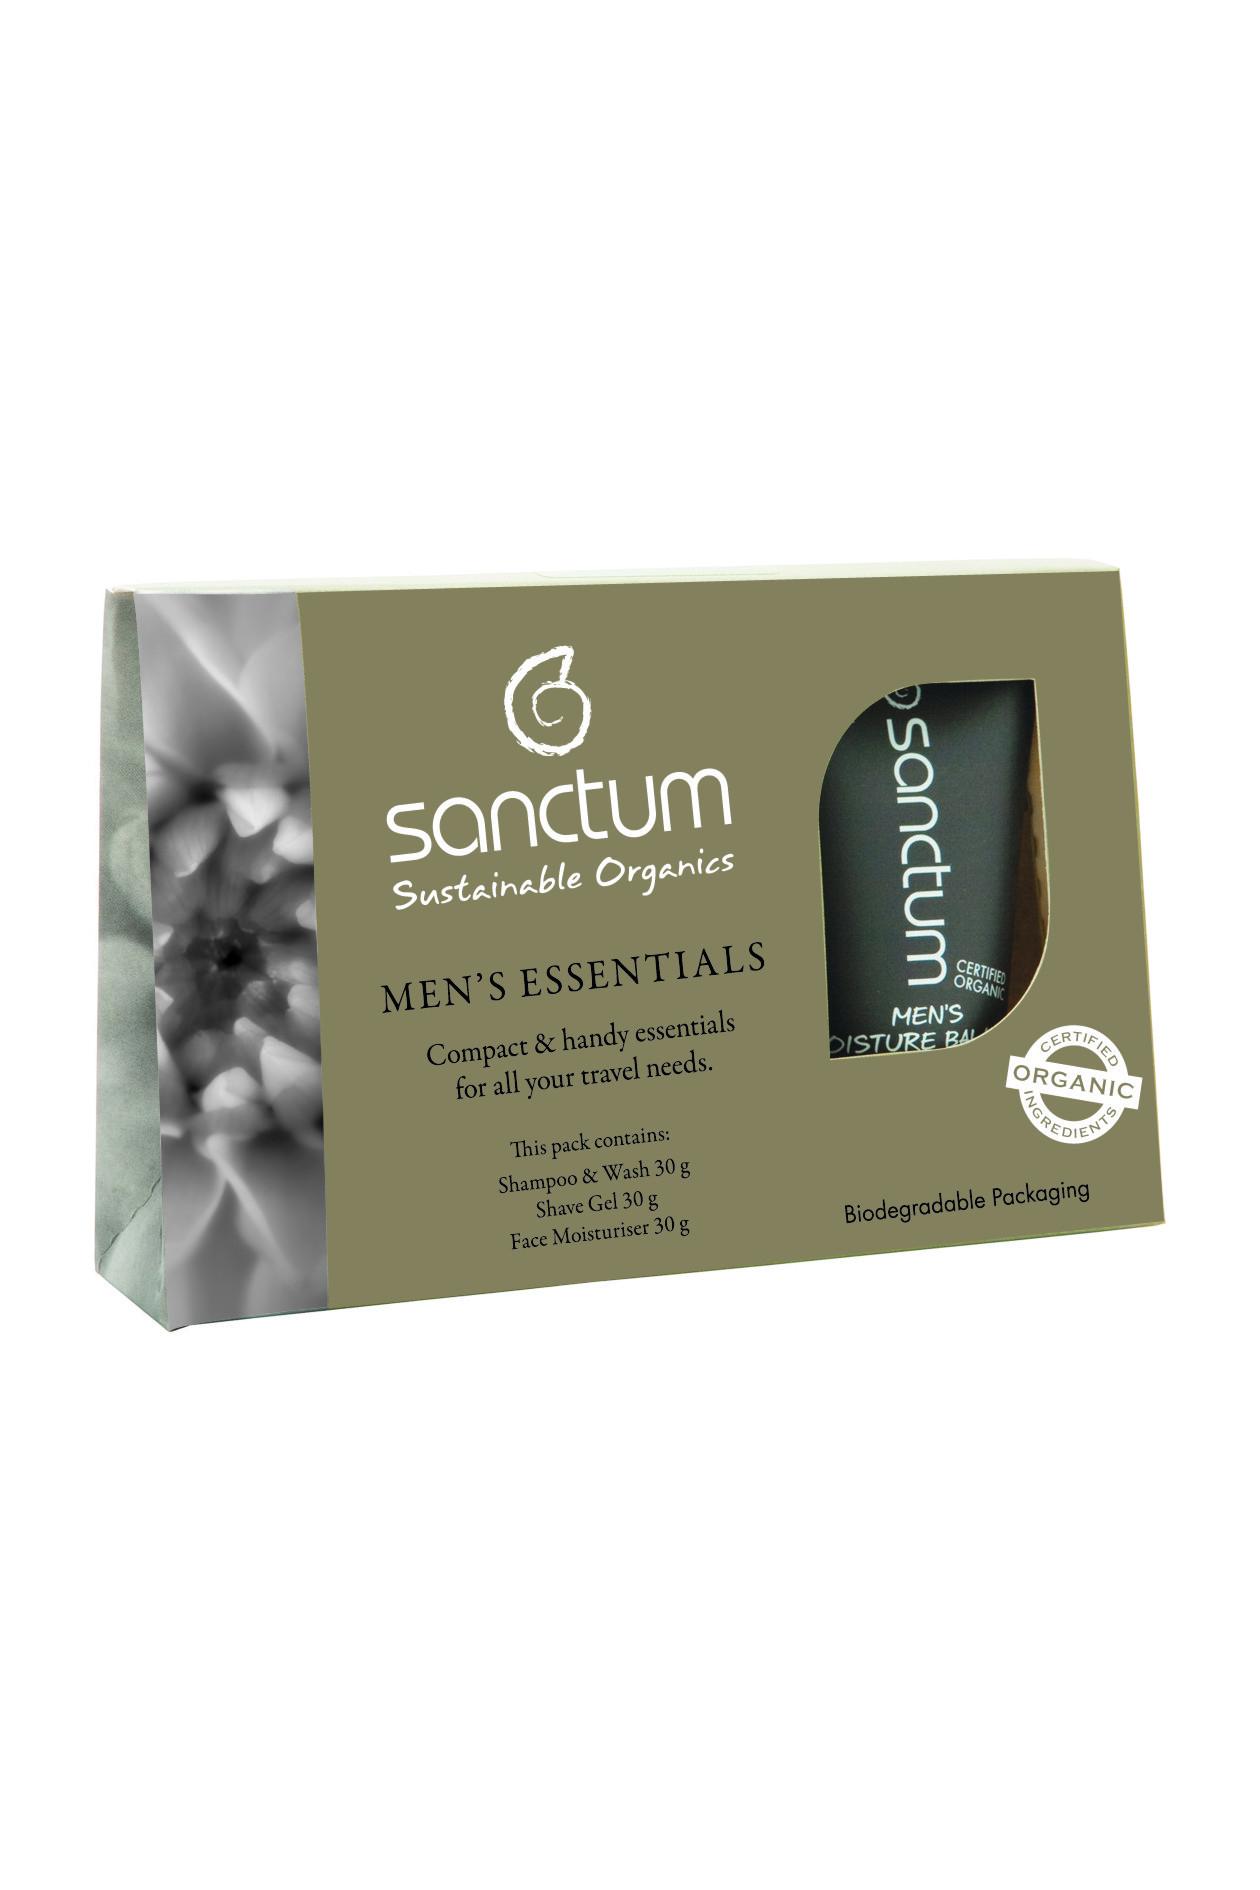 Sanctum Mens Essentials Travel Pack - 3 x 30ml